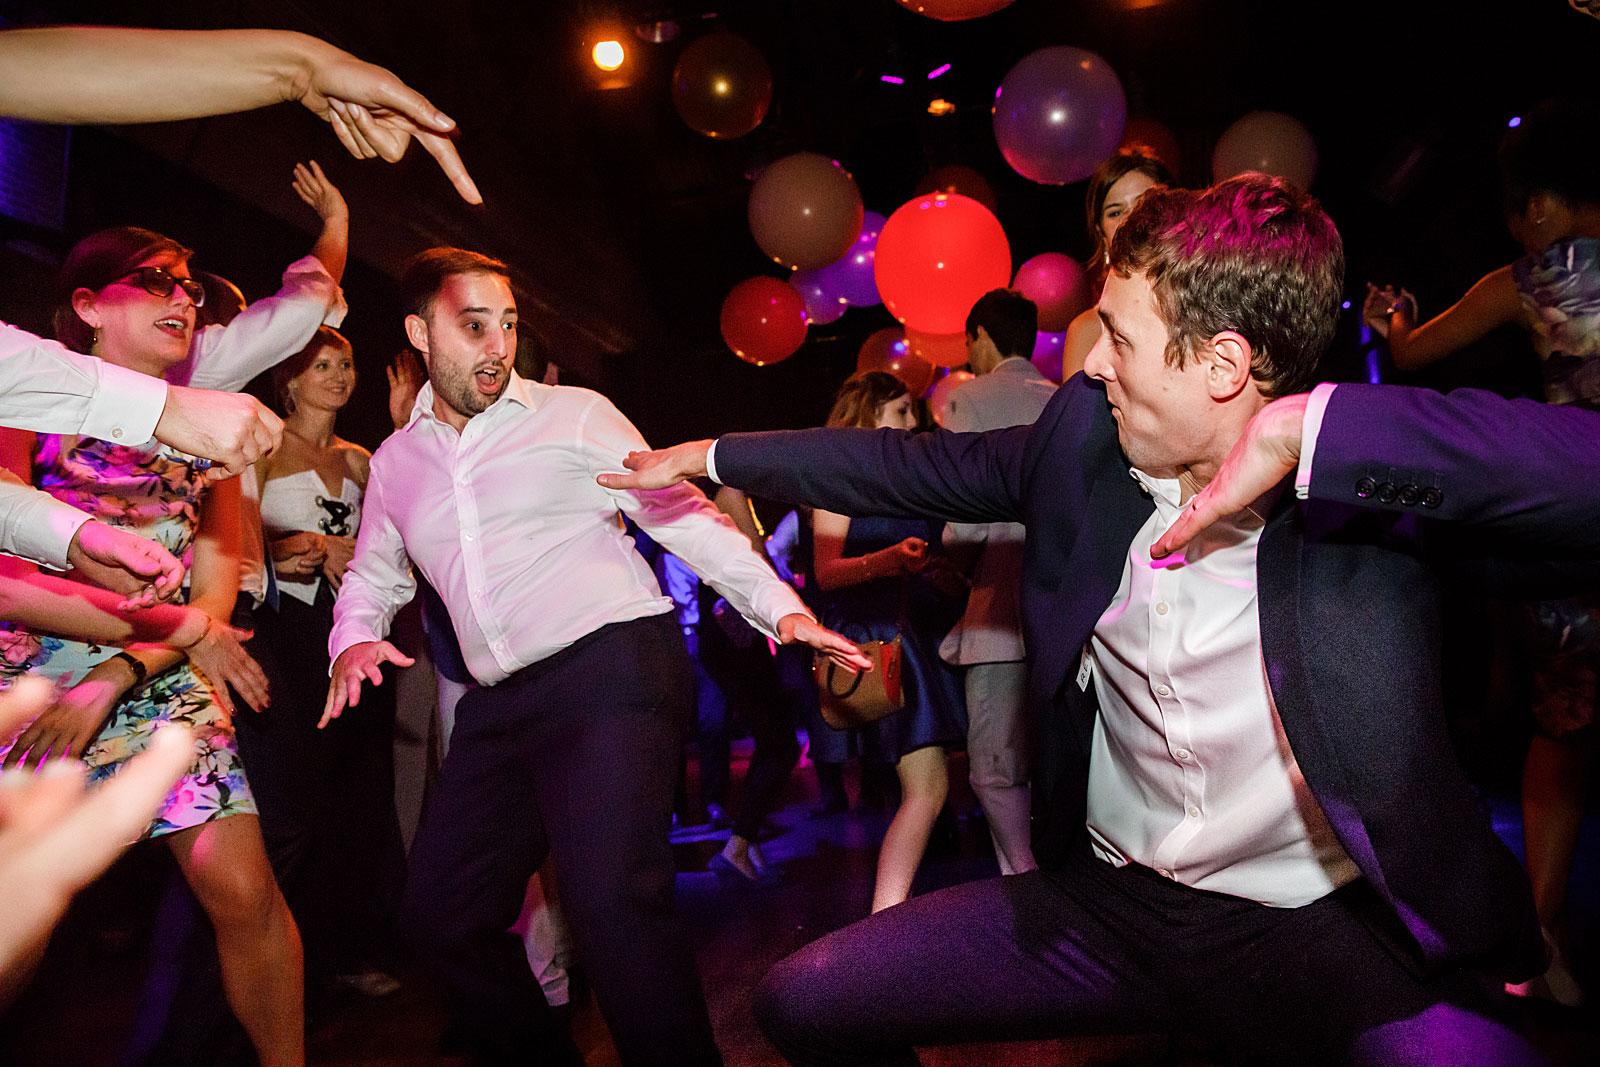 64-wedding-party-westerliefde-amsterdam